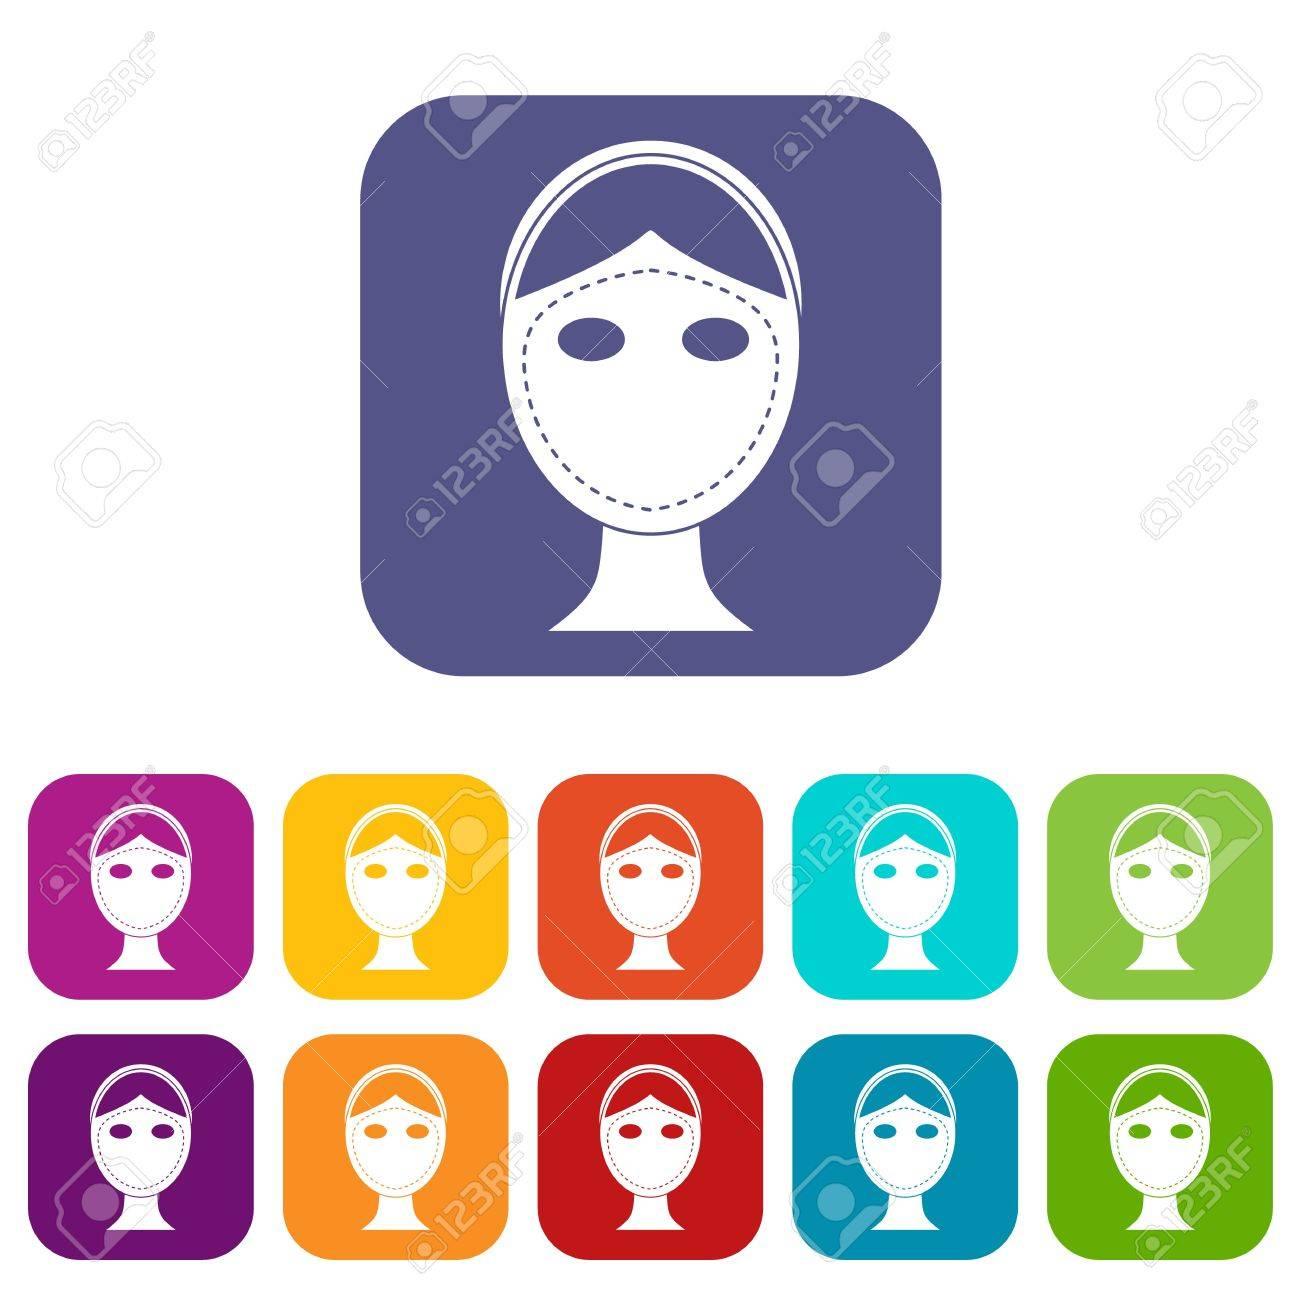 a17576a87edcce Banque d images - Visage marqué pour les icônes de chirurgie esthétique  Définir l illustration vectorielle en style plat En couleurs rouge, bleu,  ...